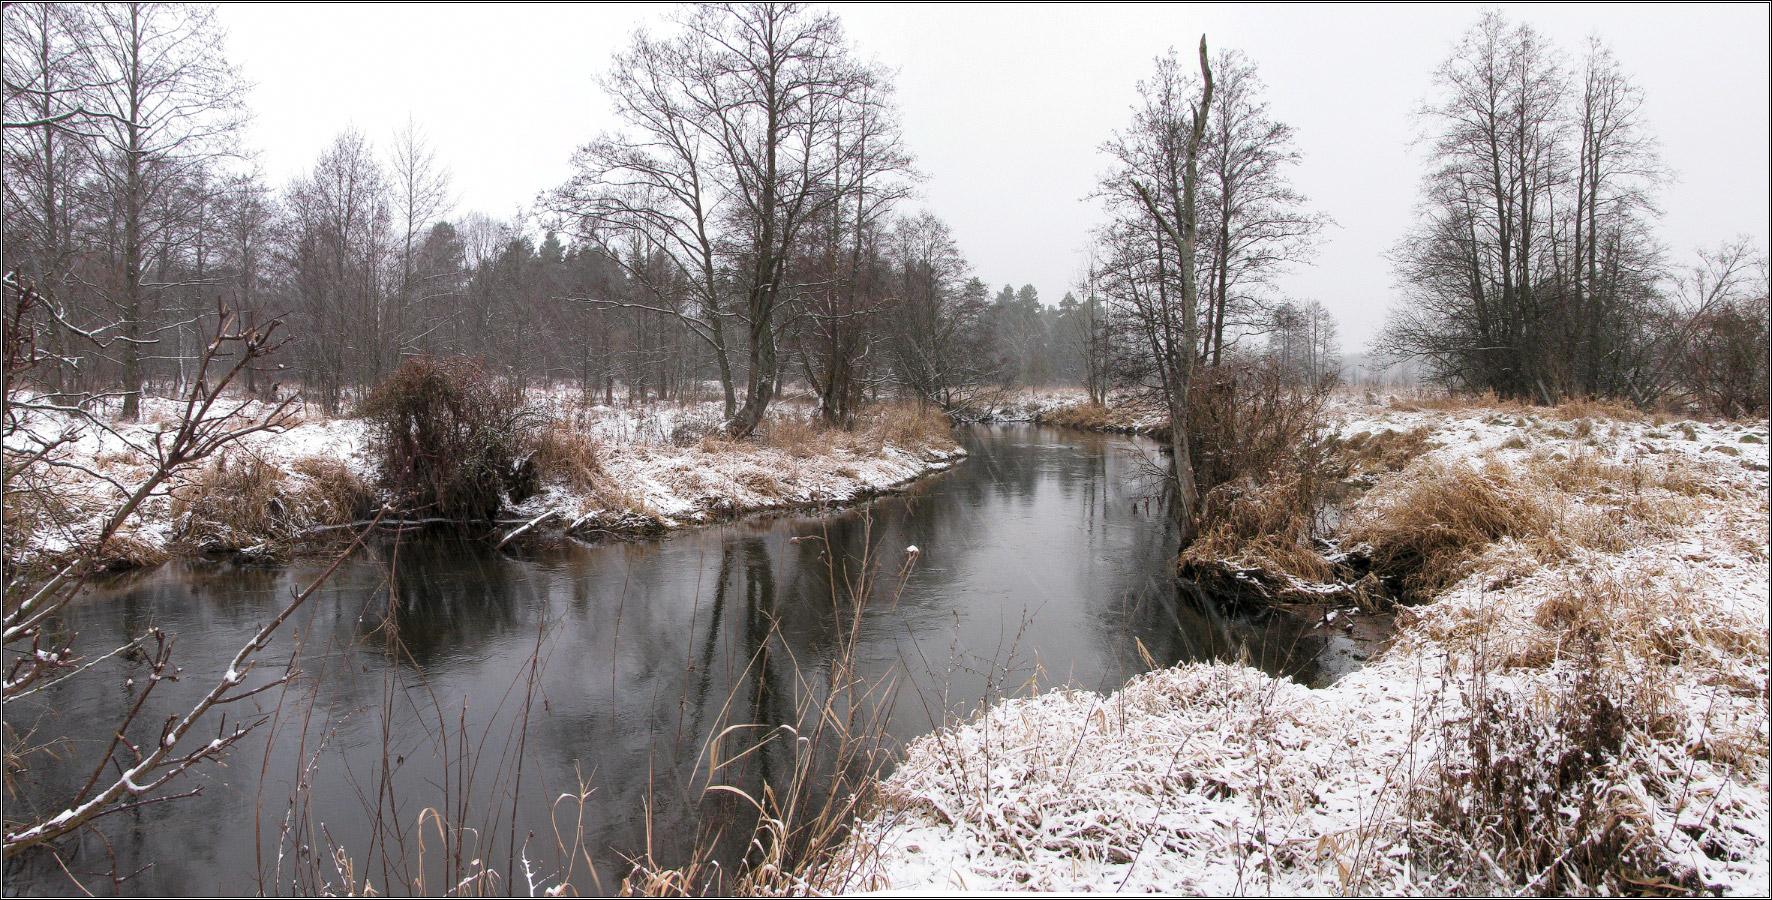 http://i3.imageban.ru/out/2012/01/02/446ab138ef4ed130ced47f1a2811729c.jpg